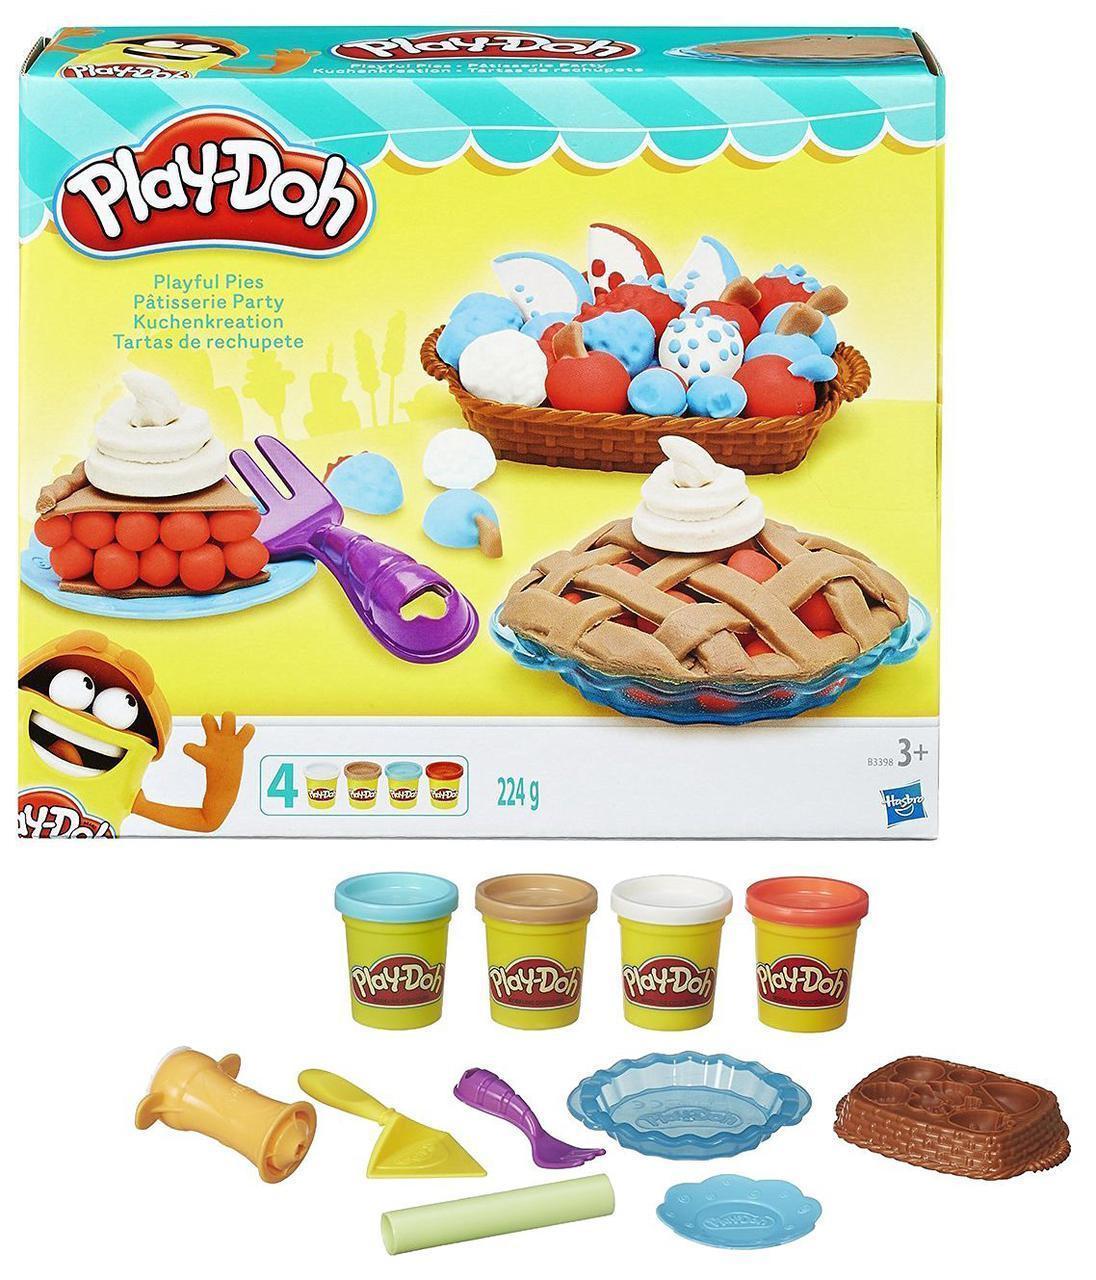 Набор для творчества Плей-До Праздничный пирог ягодные тарталетки Play-Doh Kitchen Creations Playful Pies